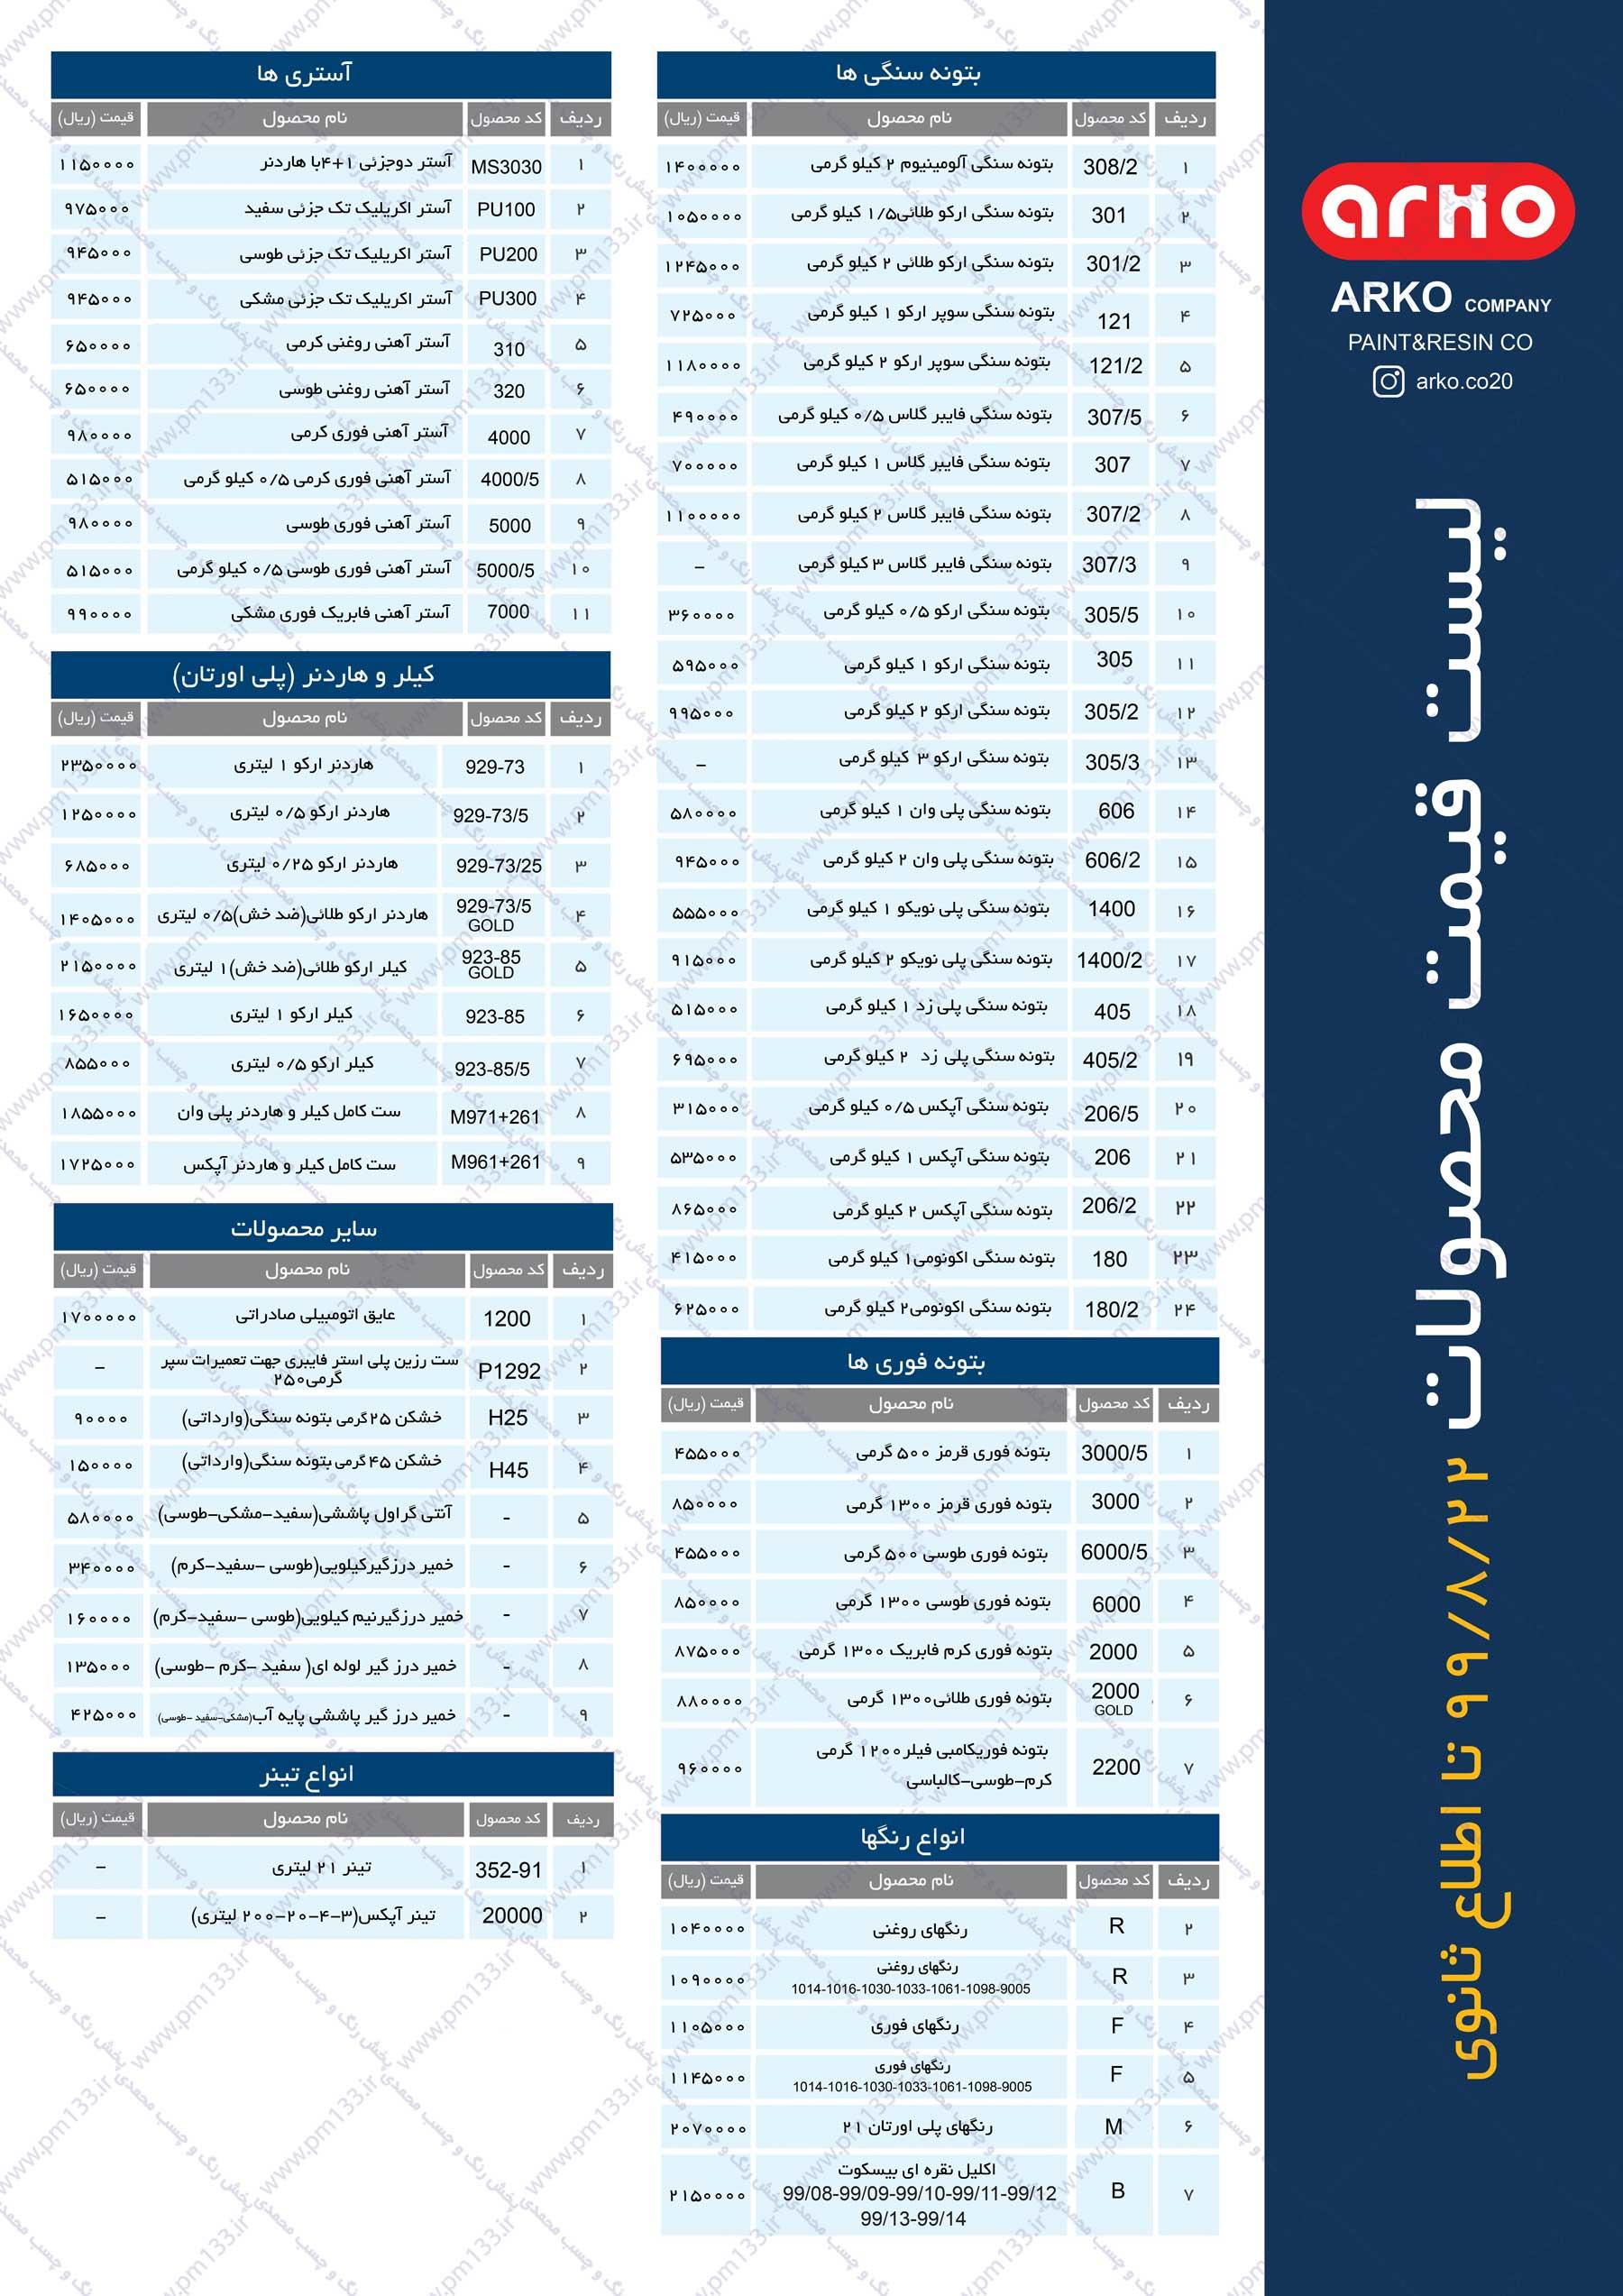 آرکو لیست قیمت صنایع رنگ و رزین آرکو 22-06-99